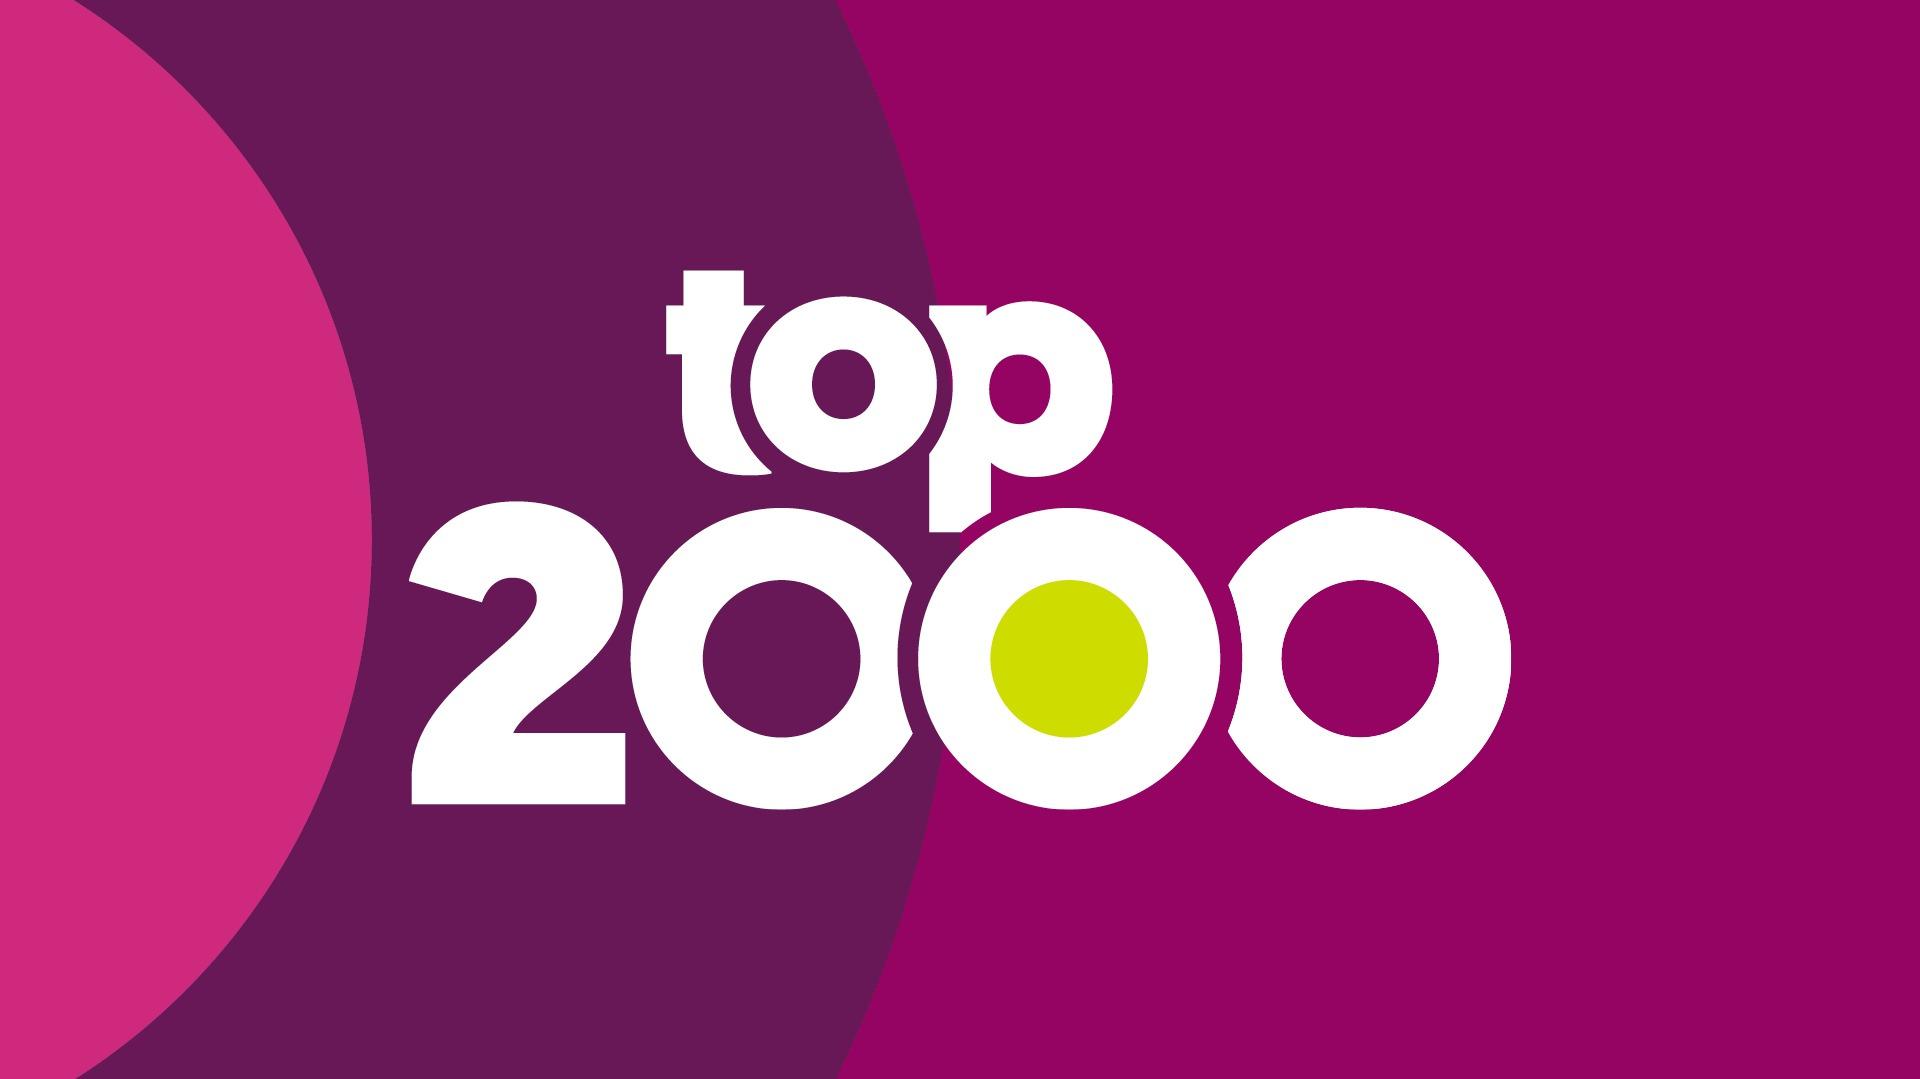 Hitlijst top 2000